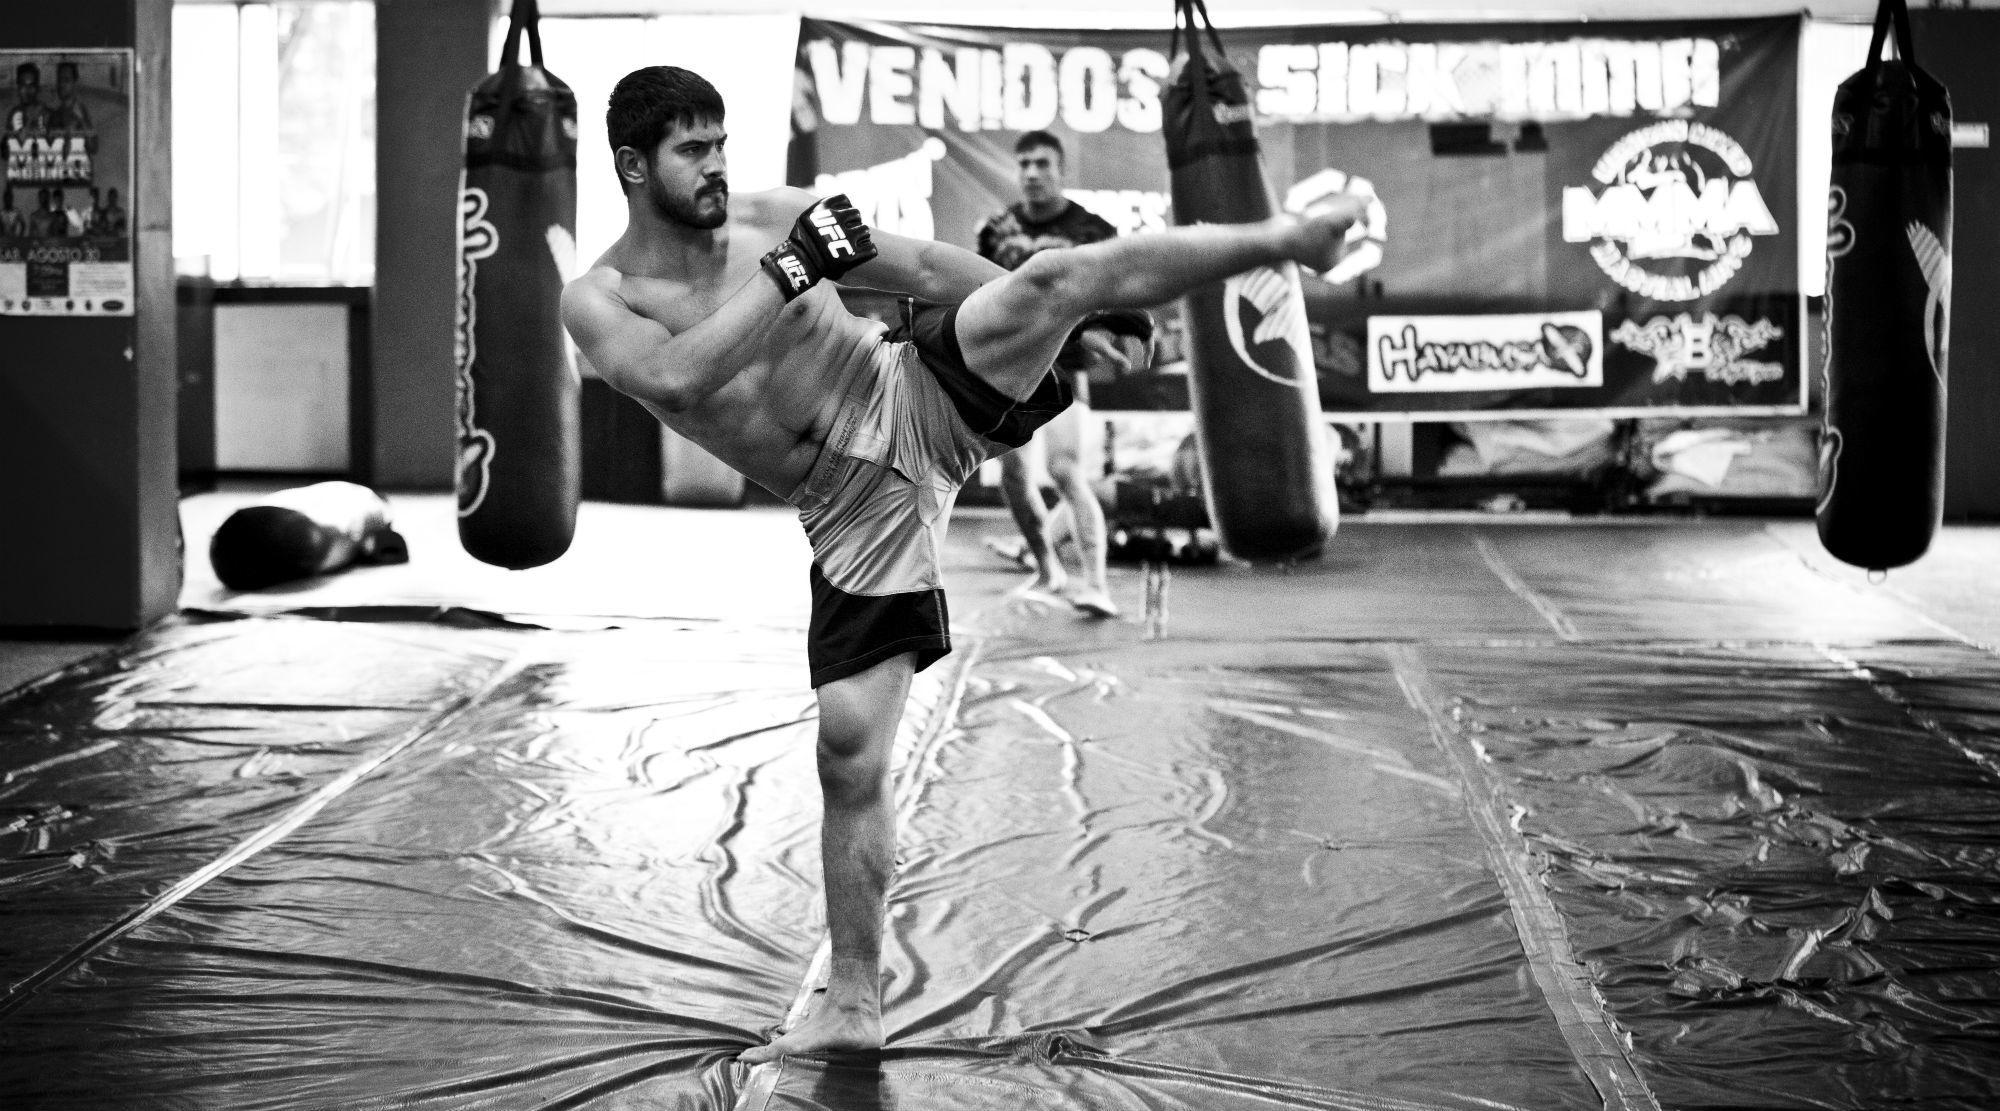 MMA: Artes marciales mixtas